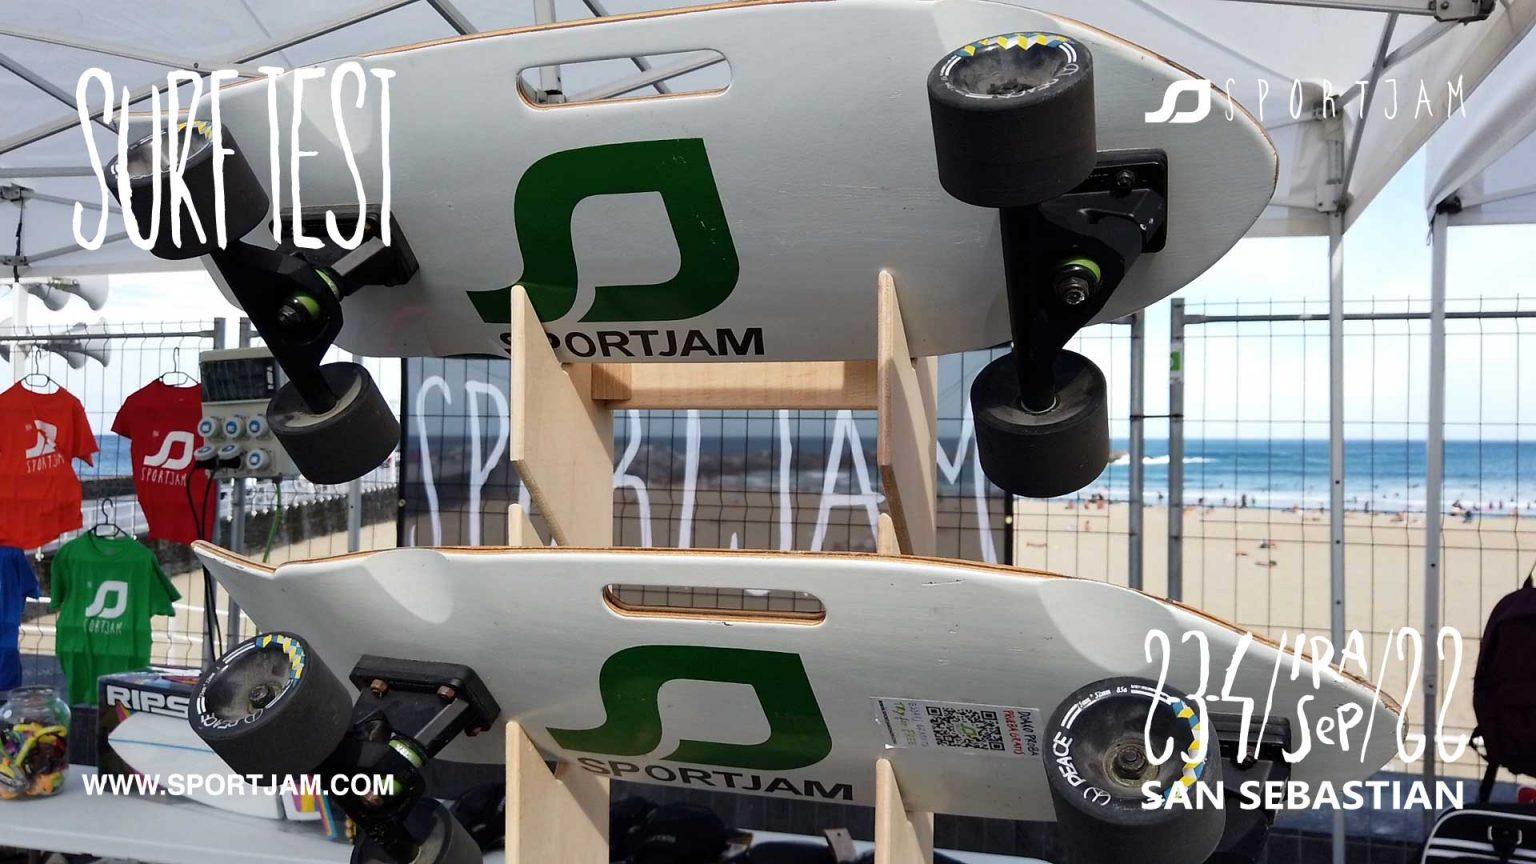 SURFSKATES-SPORTJAM-SURFTEST-2021